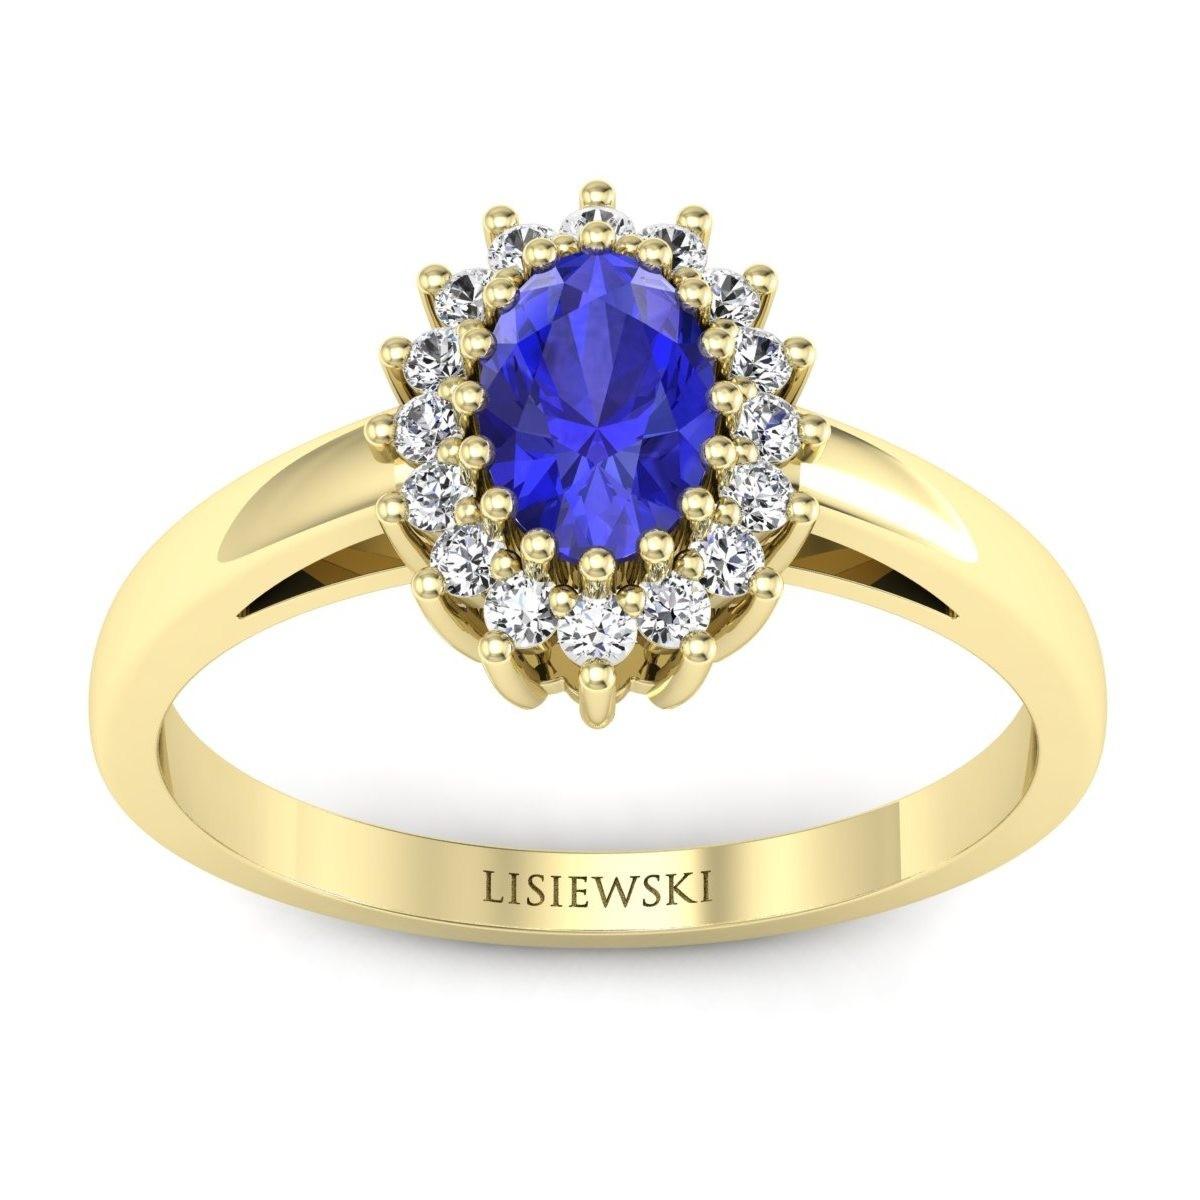 London - Złoty pierścionek z szafirem cejlońskim i diamentami